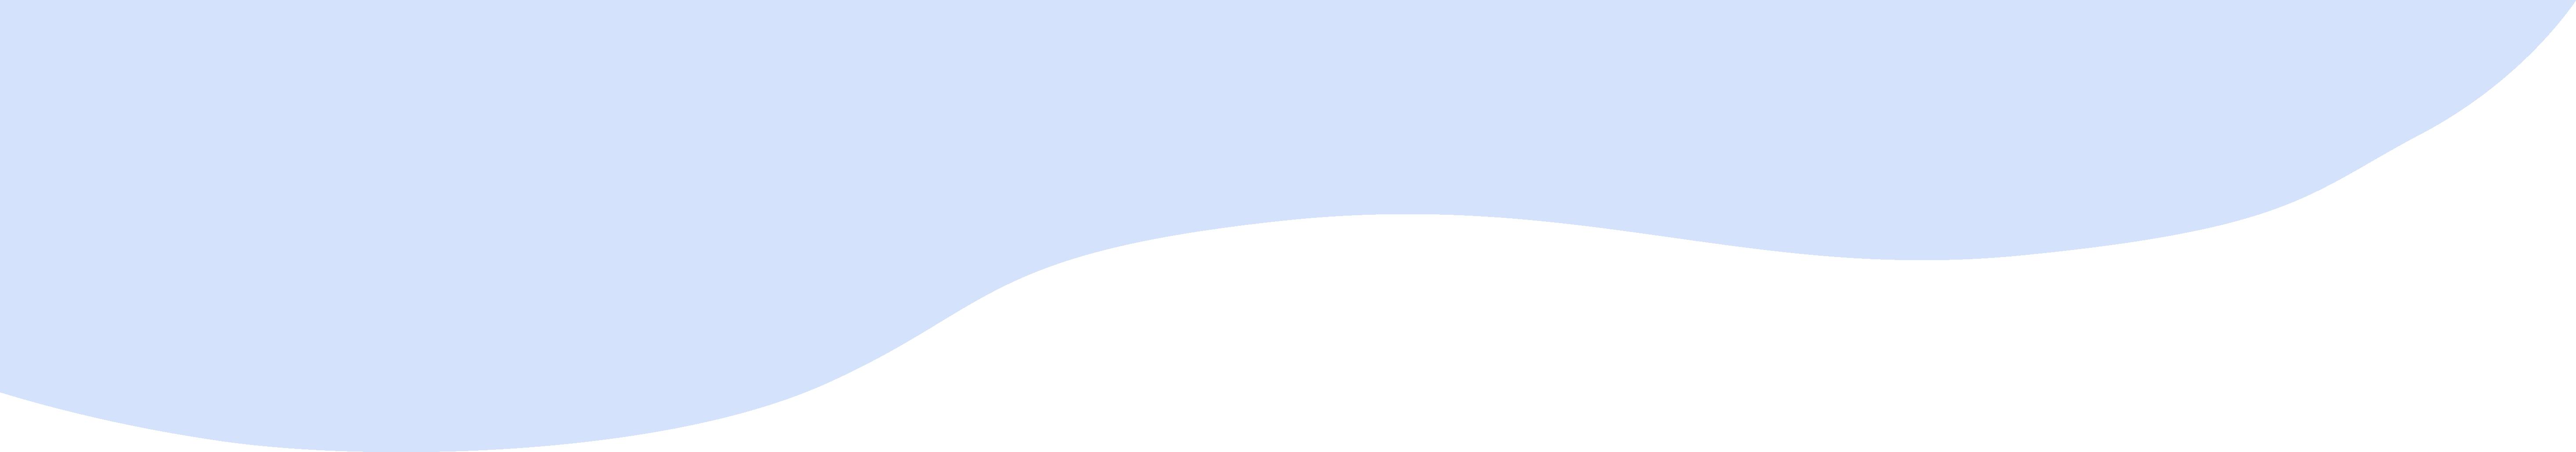 header blob